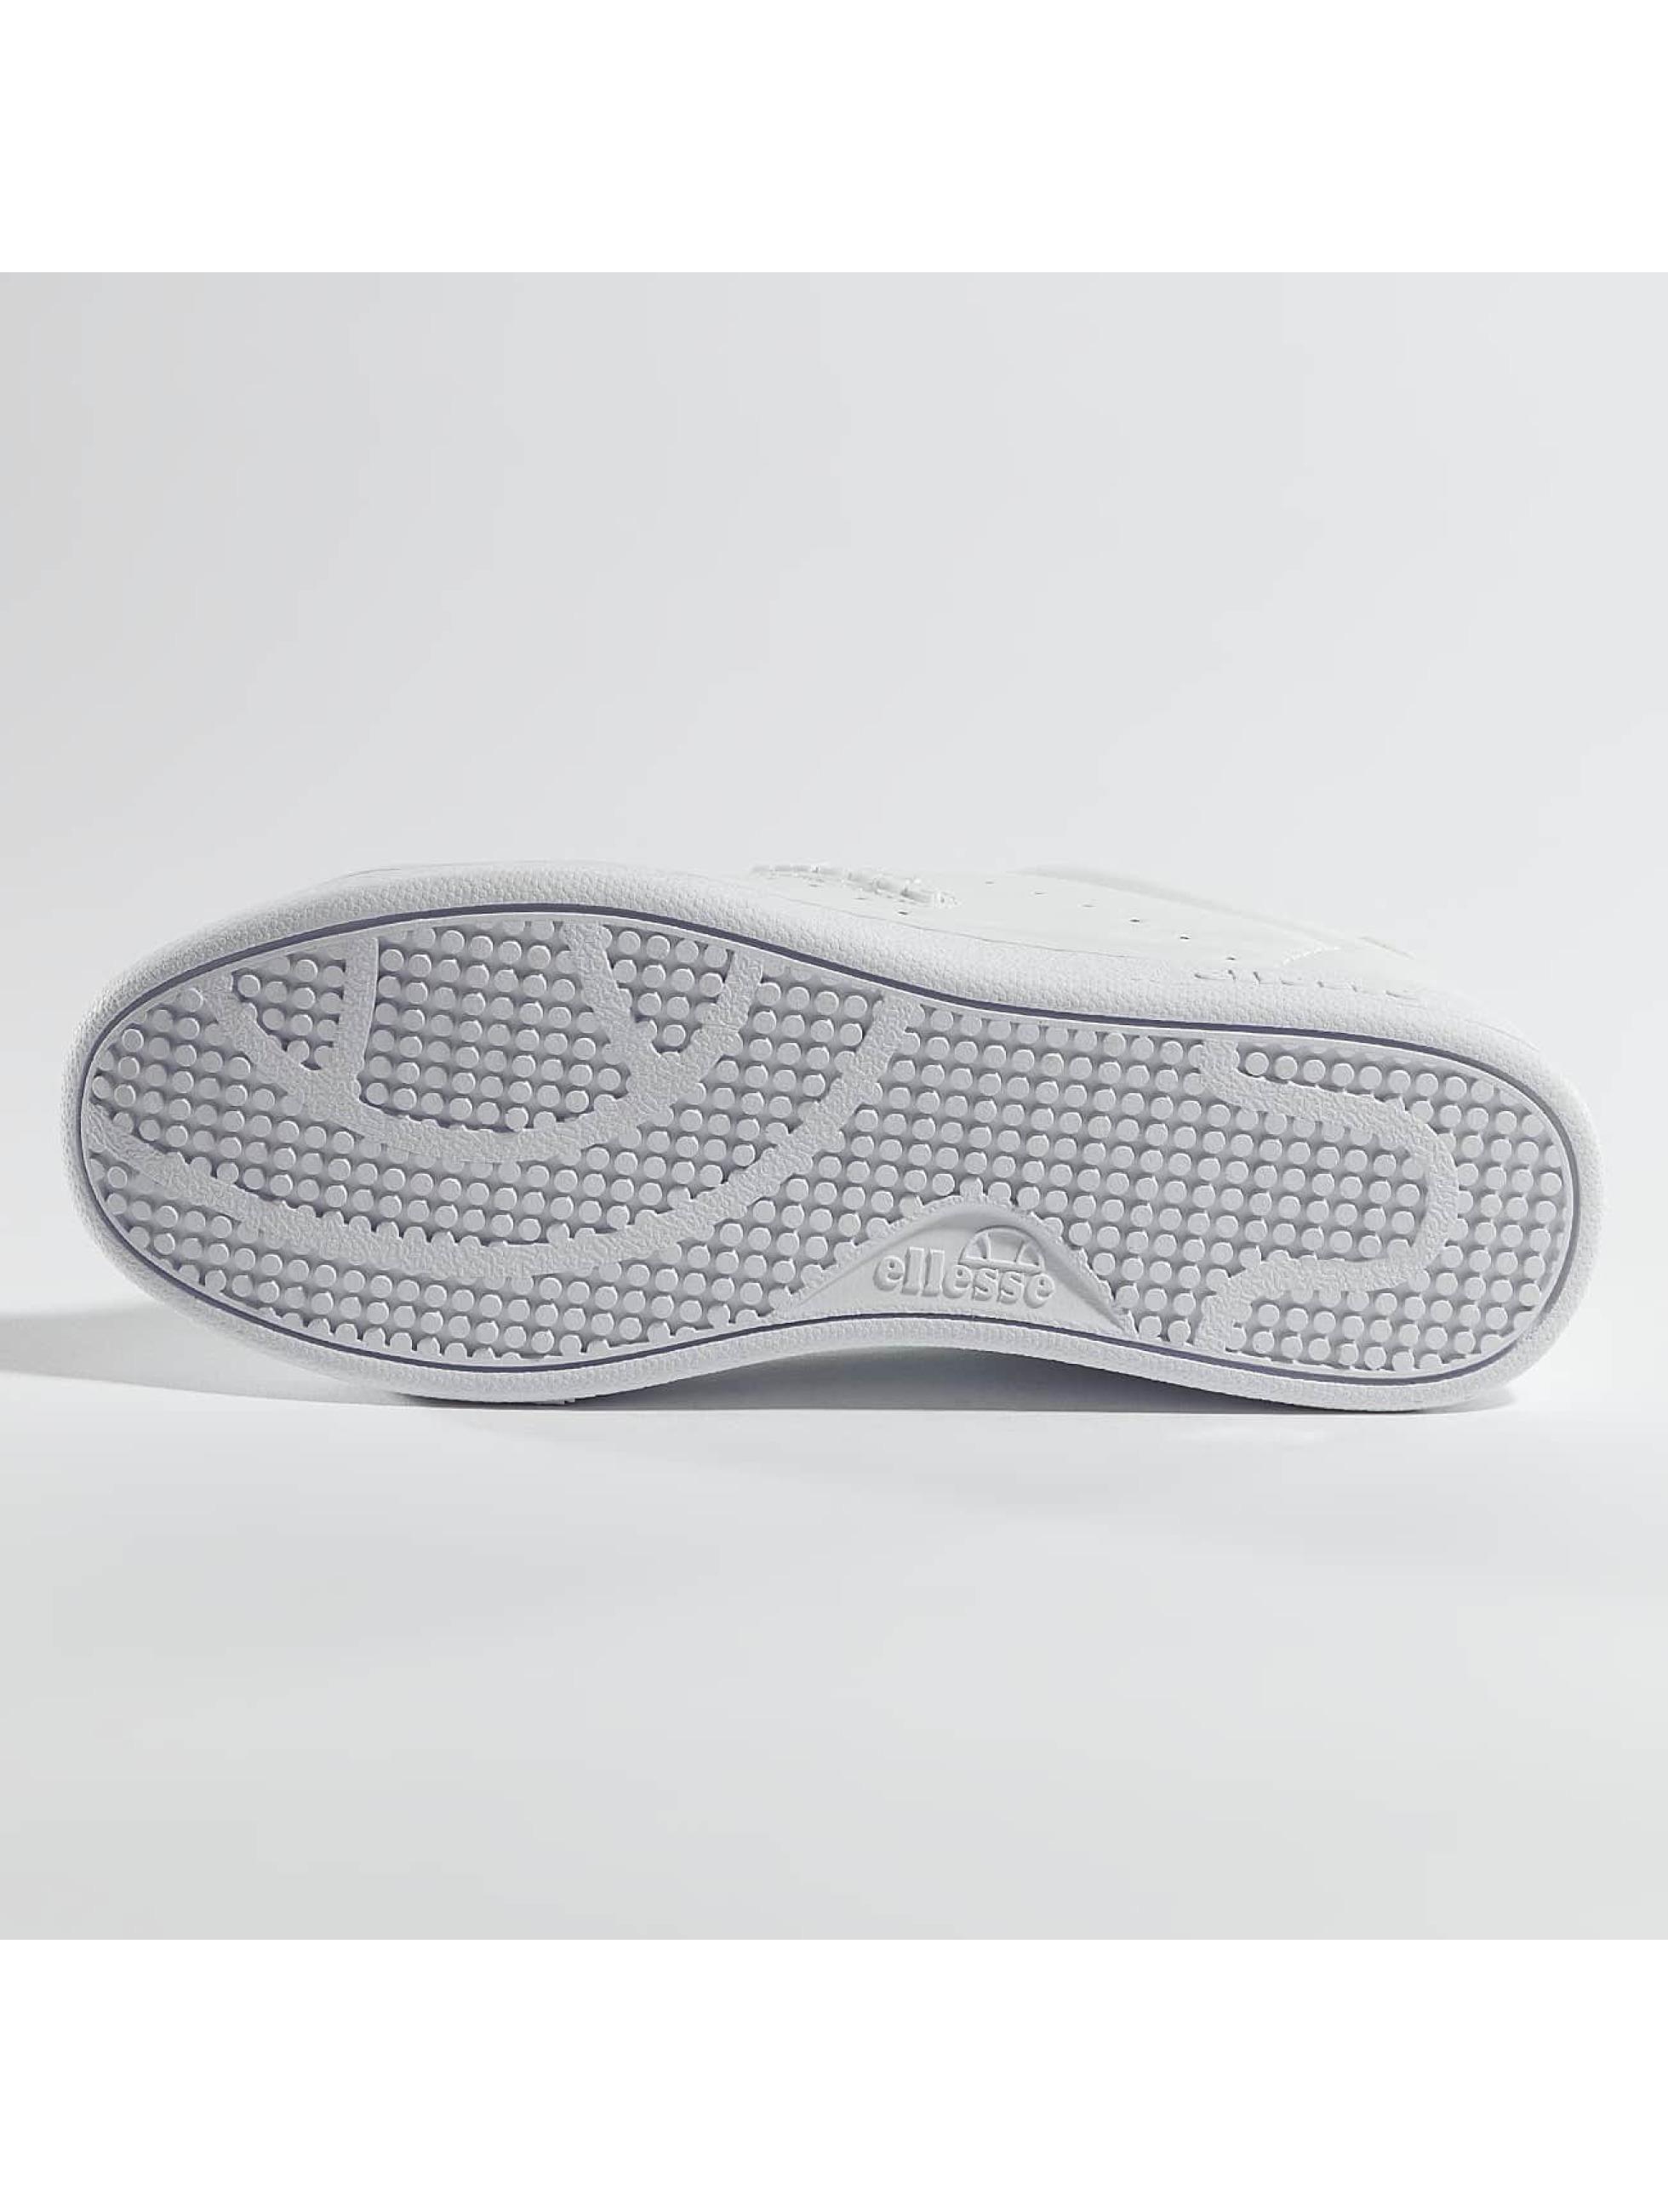 Ellesse Zapatillas de deporte Heritage Anzia Metallic blanco